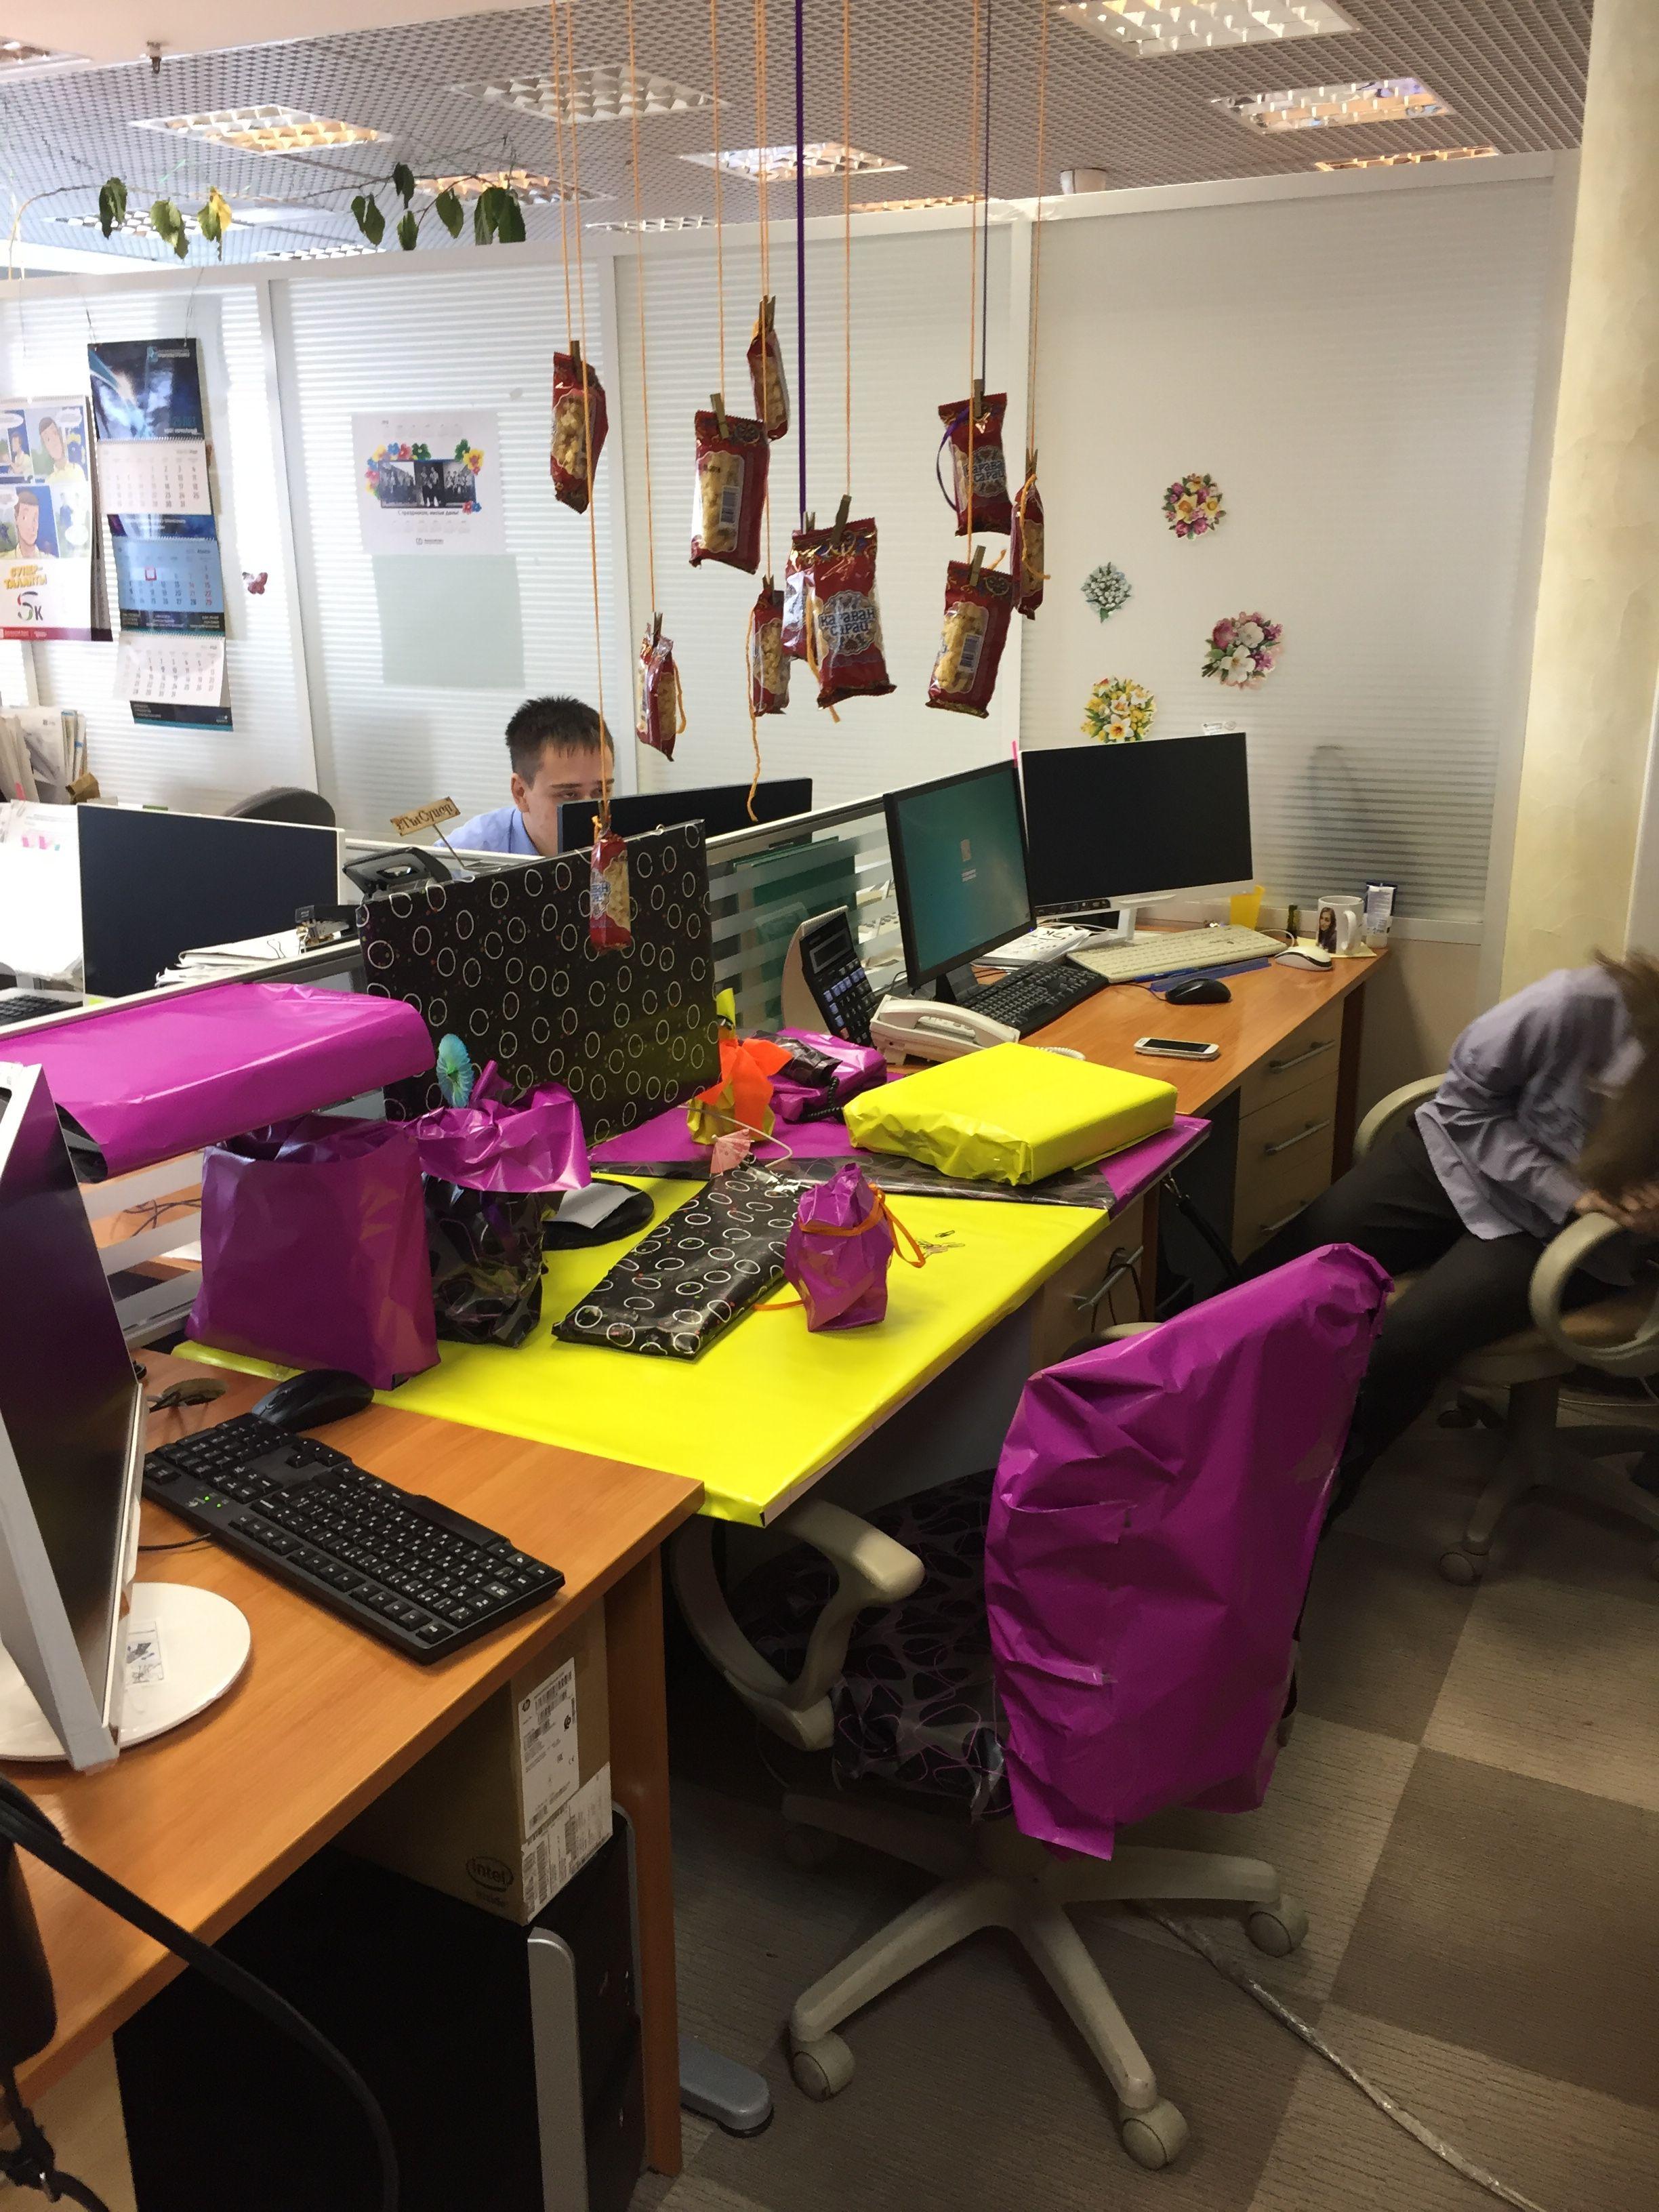 как украсить рабочее место в офисе фото век нанесение